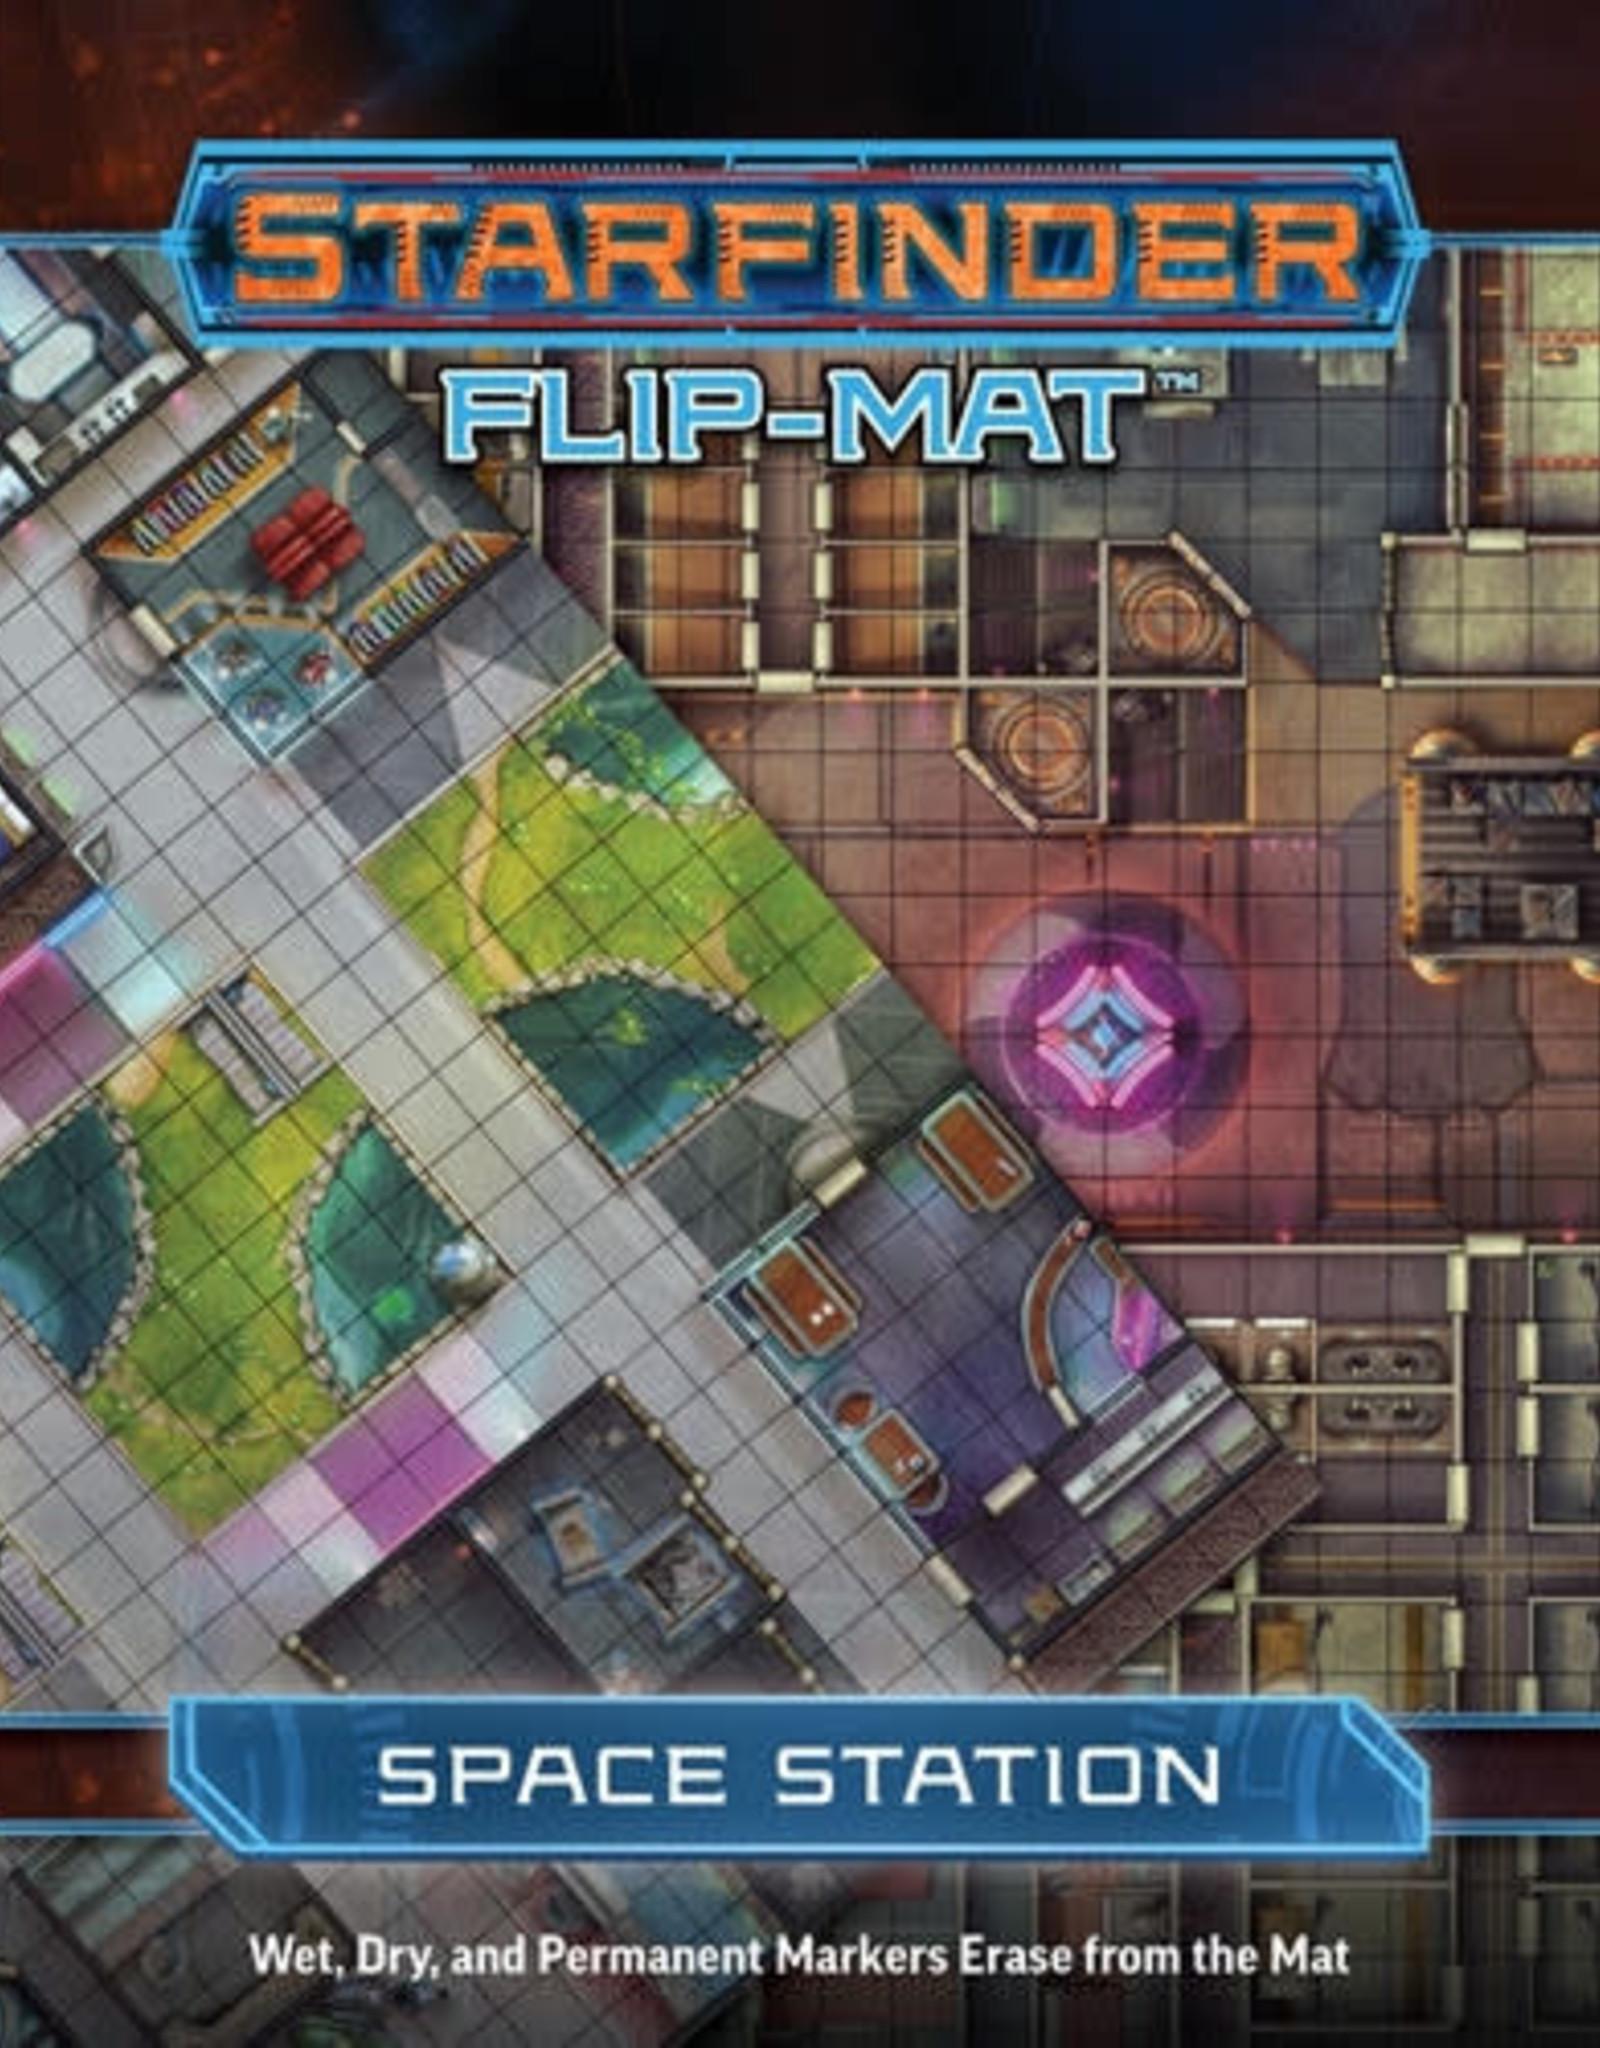 Starfinder RPG: Flip-Mat - Space Station